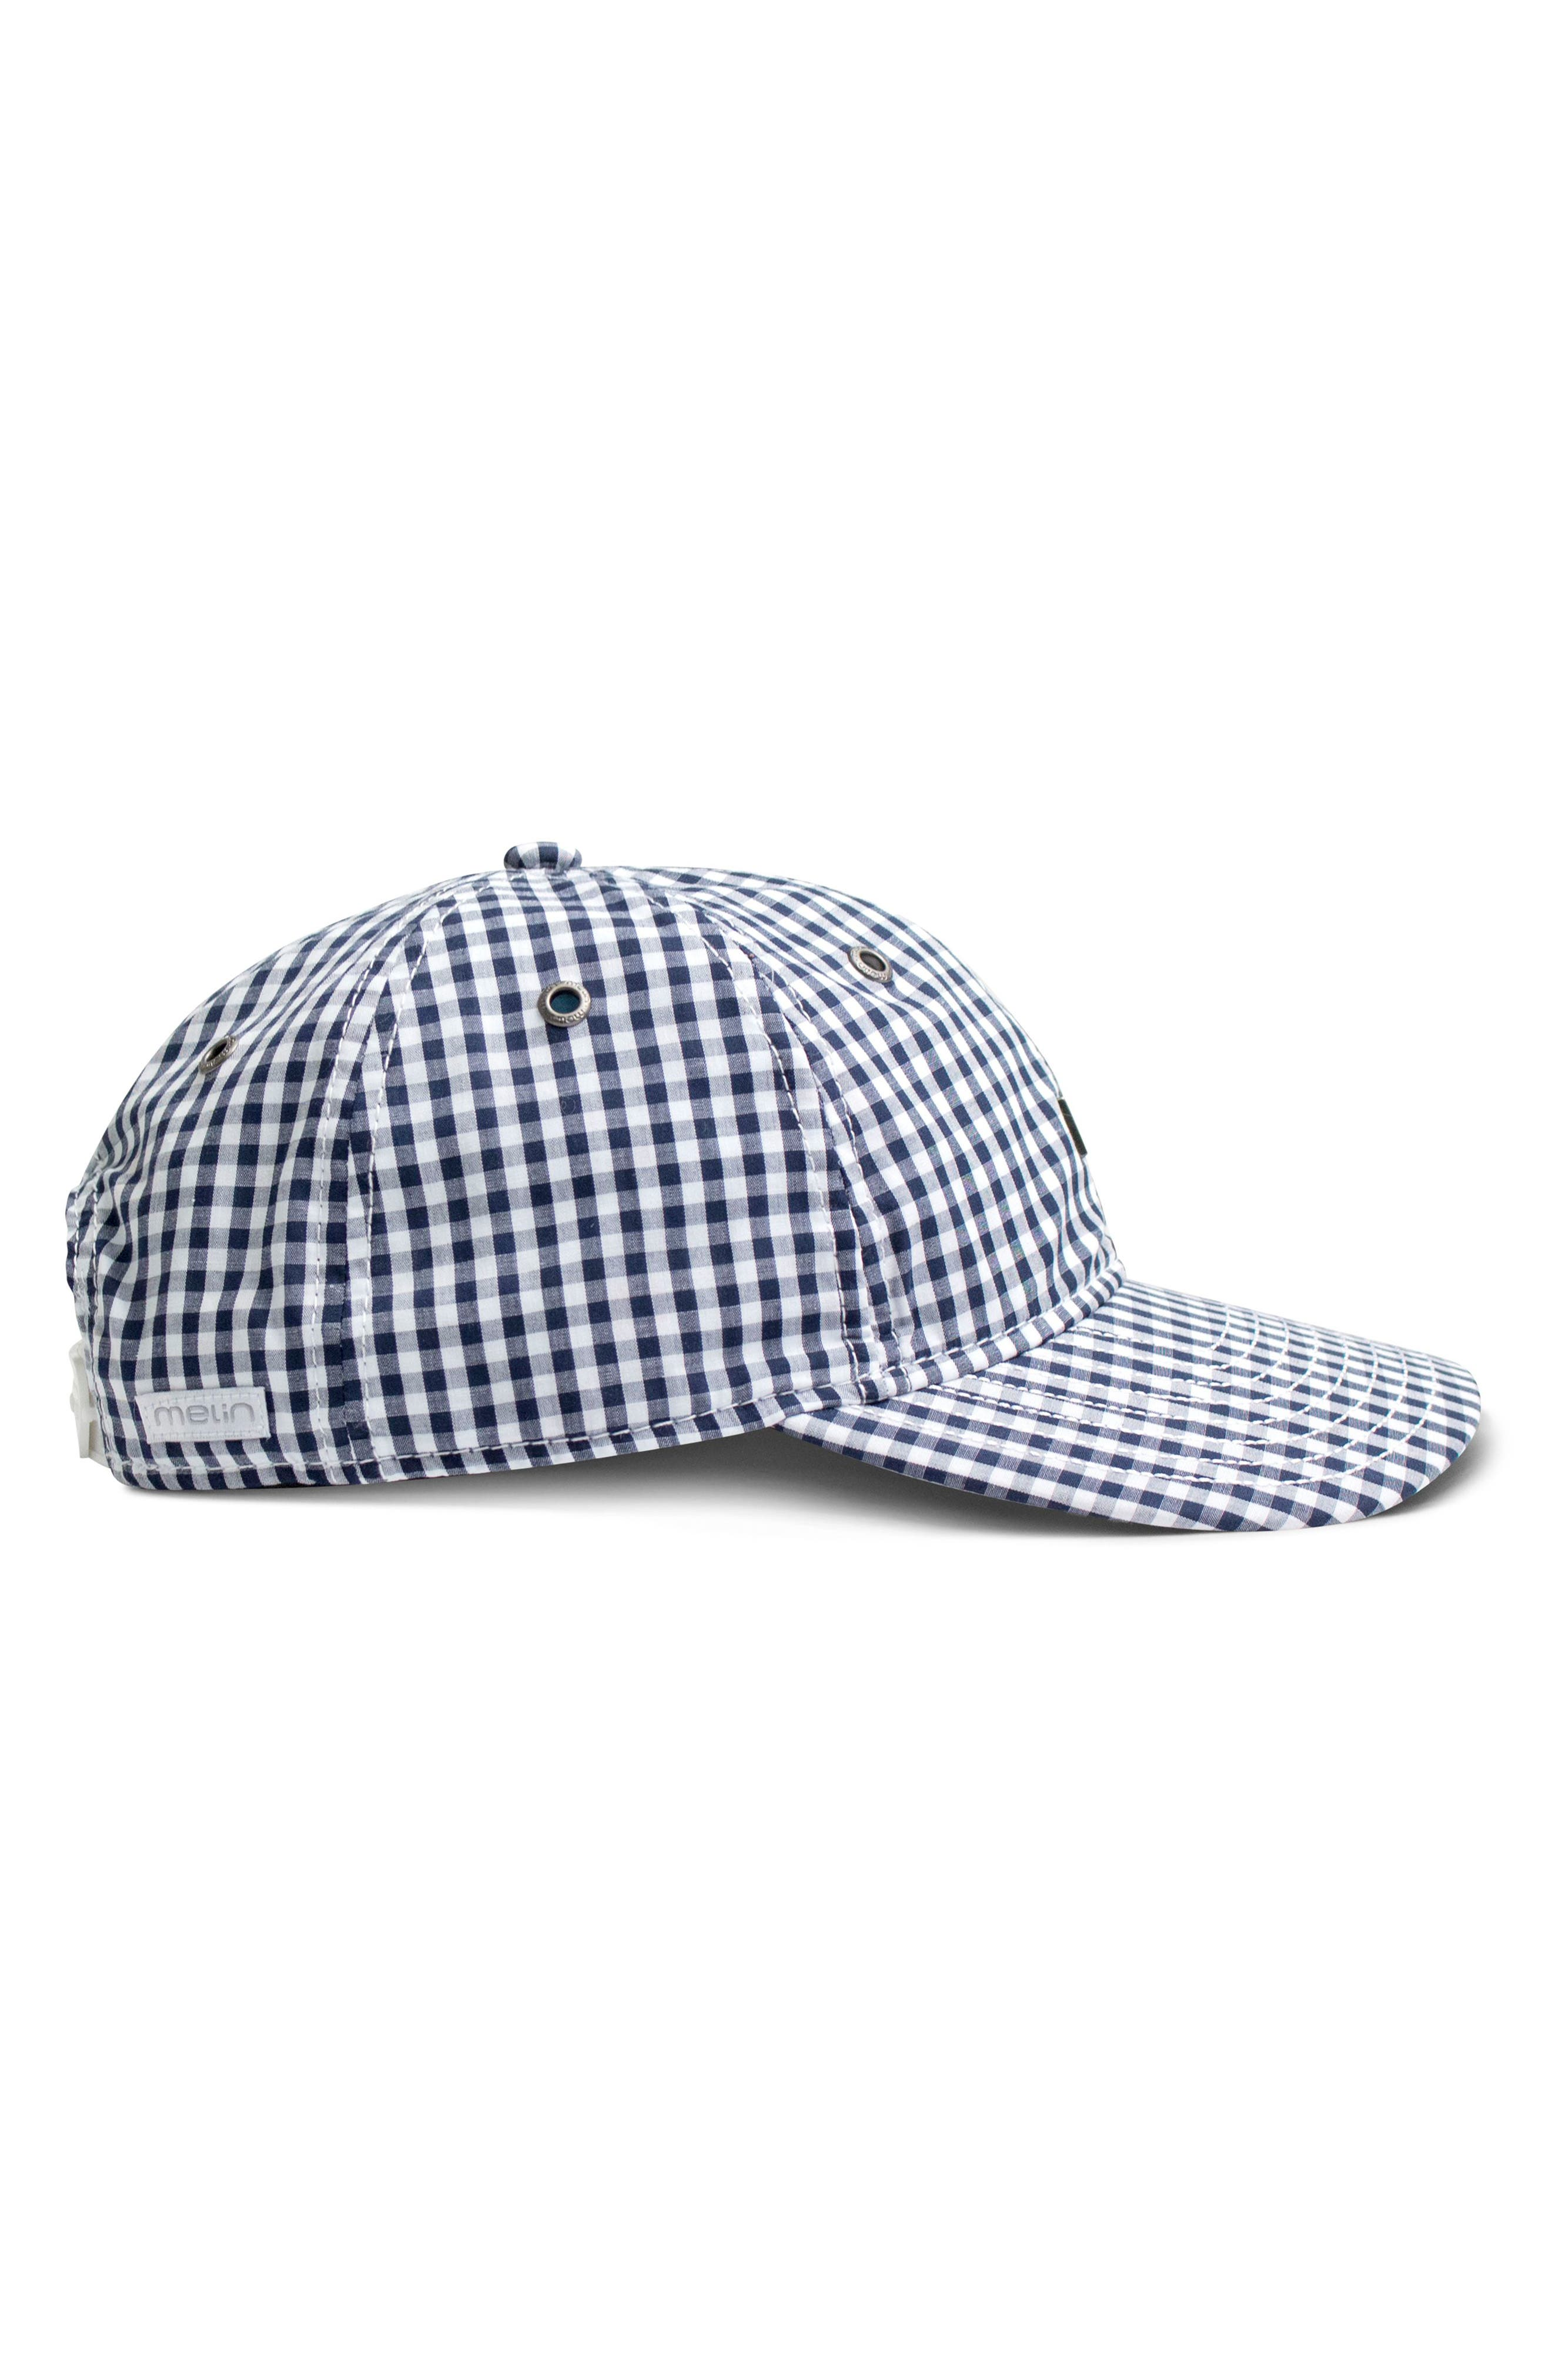 Boathouse Snapback Baseball Cap,                             Alternate thumbnail 2, color,                             461